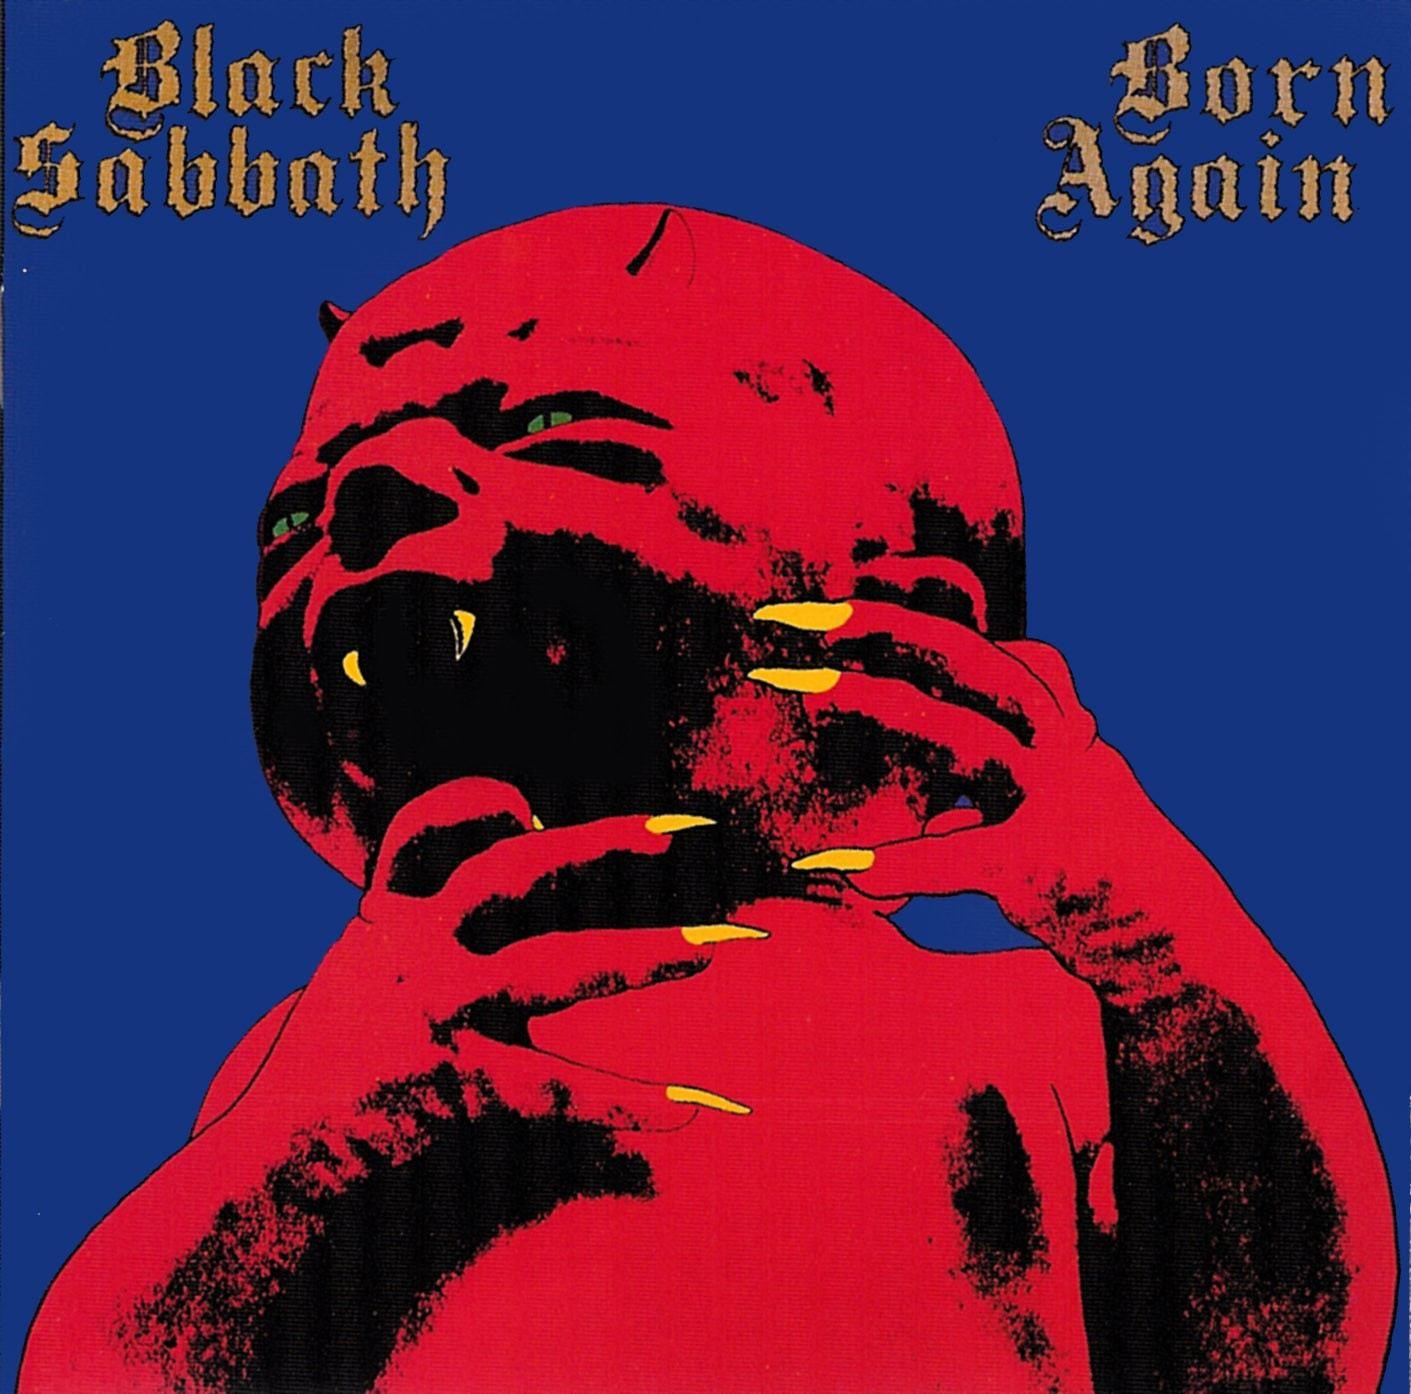 Album artwork for 'Born Again' by Black Sabbath